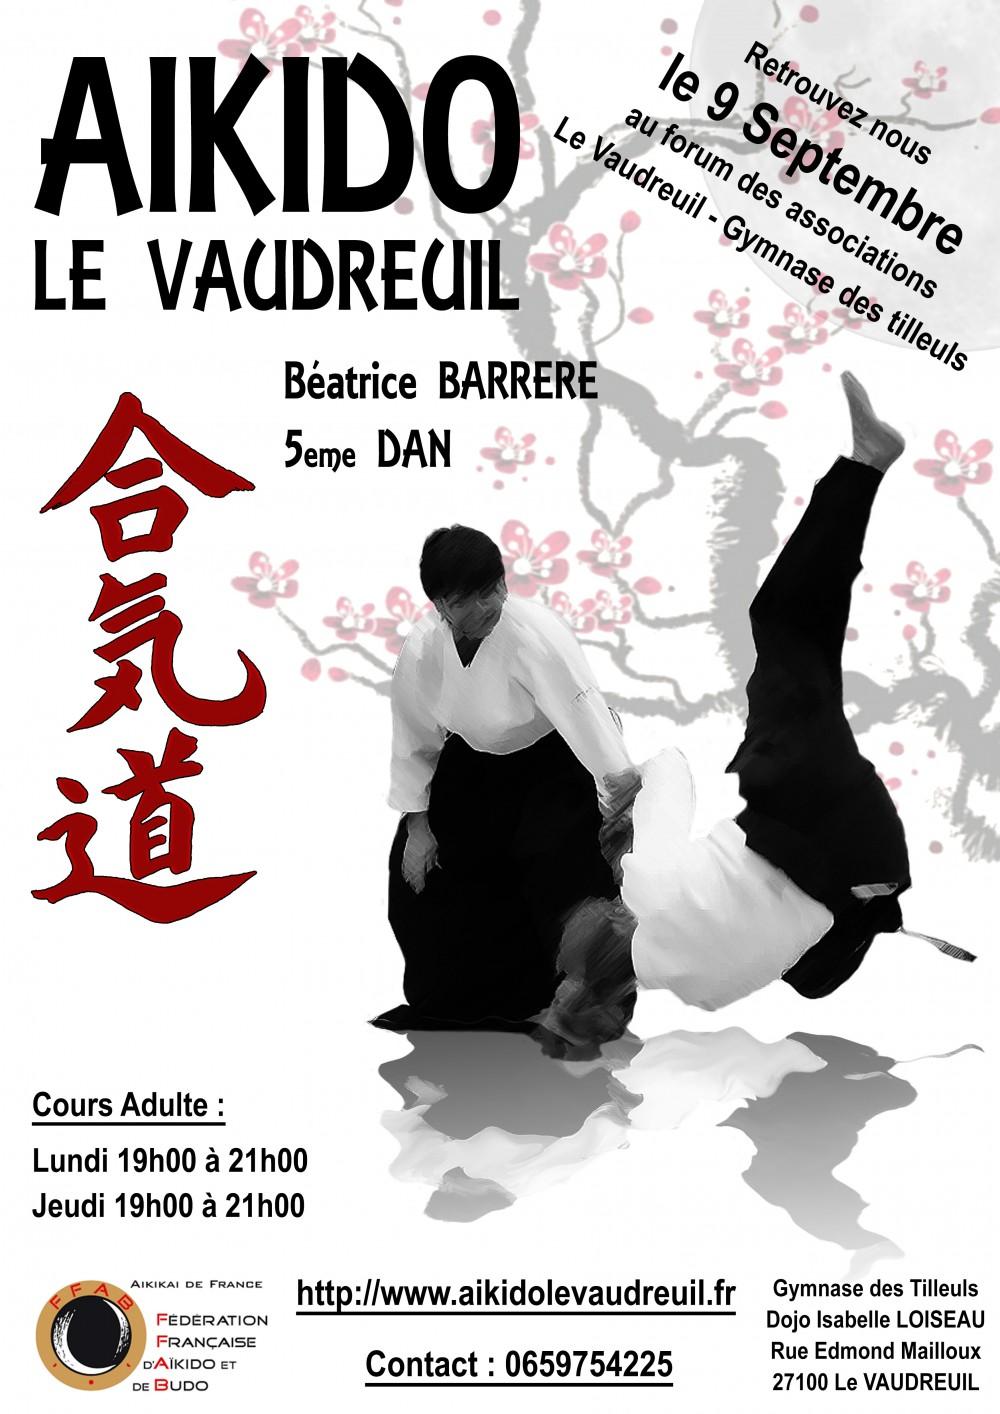 aikido_le_vaudreuil_affiche_club